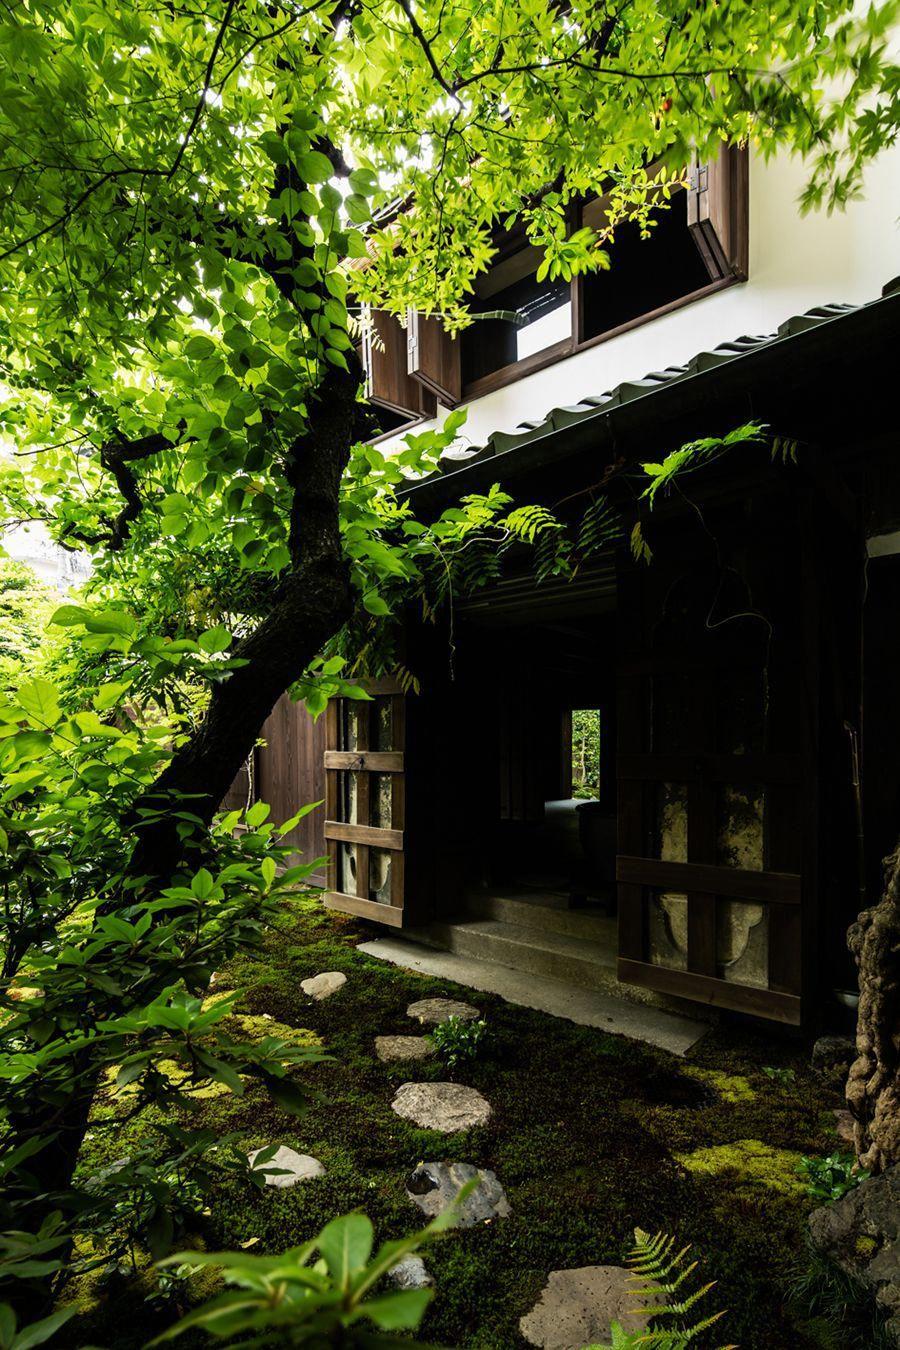 新釜座町の町家 JapaneseGardenTheme 庭園の小道, 日本庭園, ガーデン デザイン